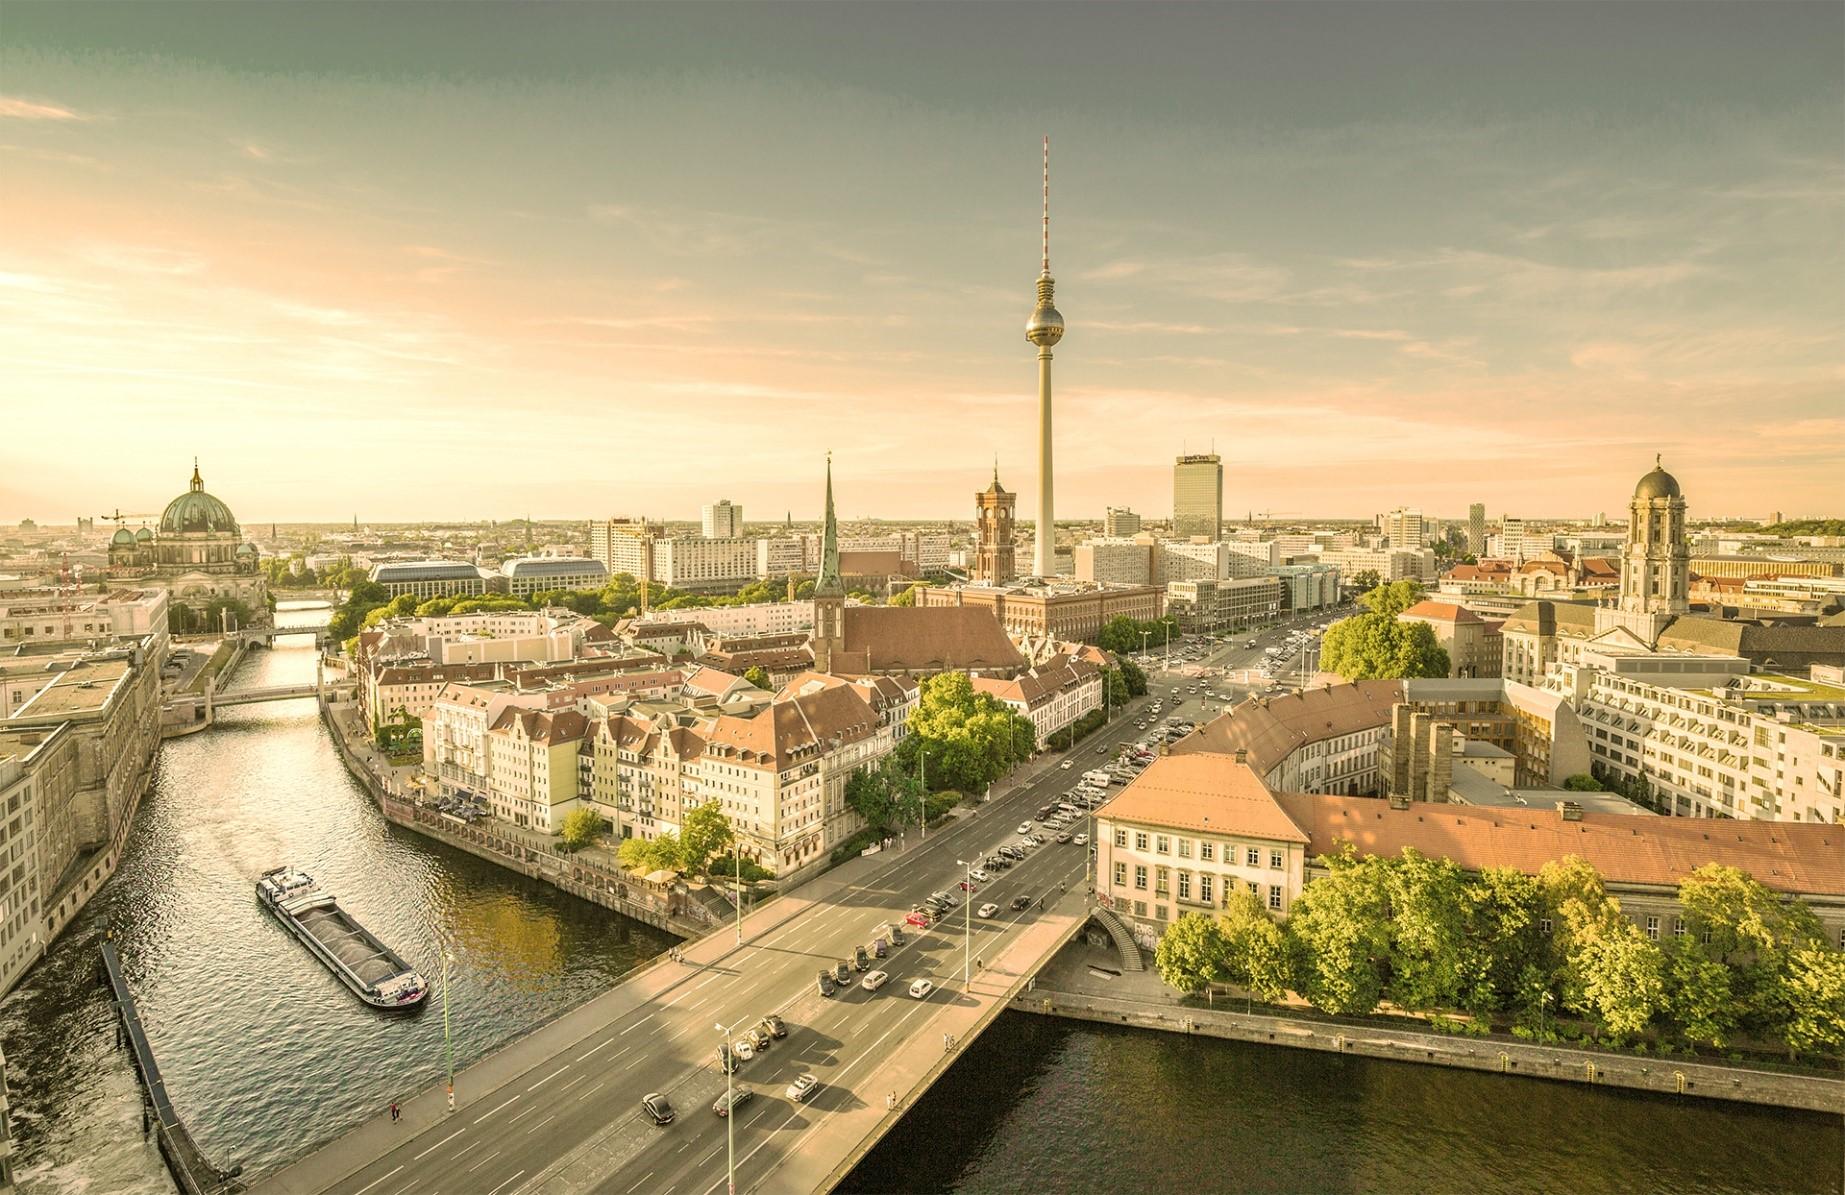 Ansicht der Stadt Berlin aus der Vogelperspektive mit der Spree als Hauptmotiv